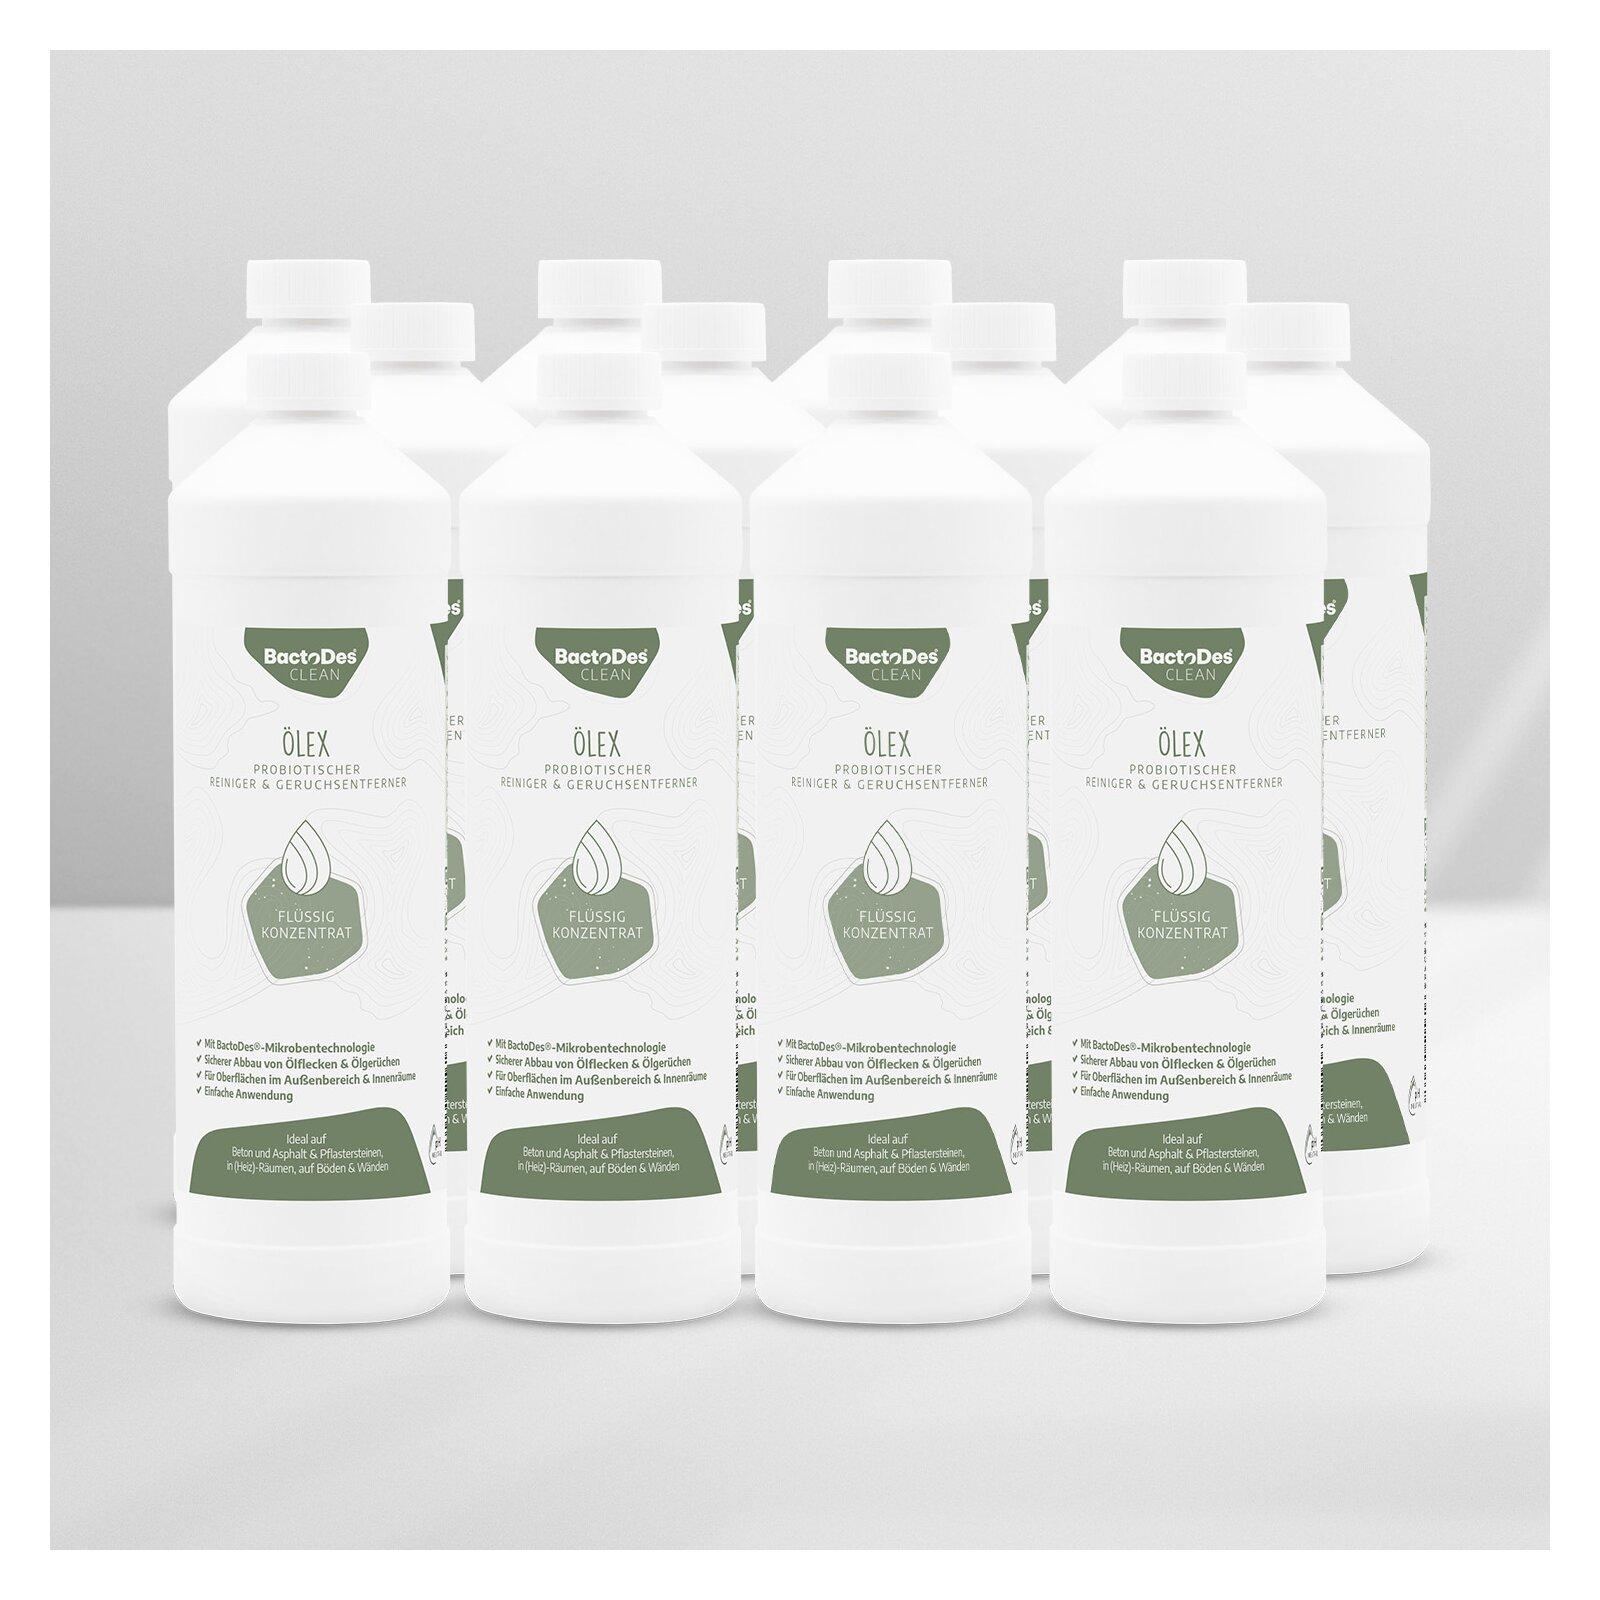 BactoDes�lex Geruchsentferner von Heiz�lgeruch und �lfleckenentferner 12 x 1 Liter Karton